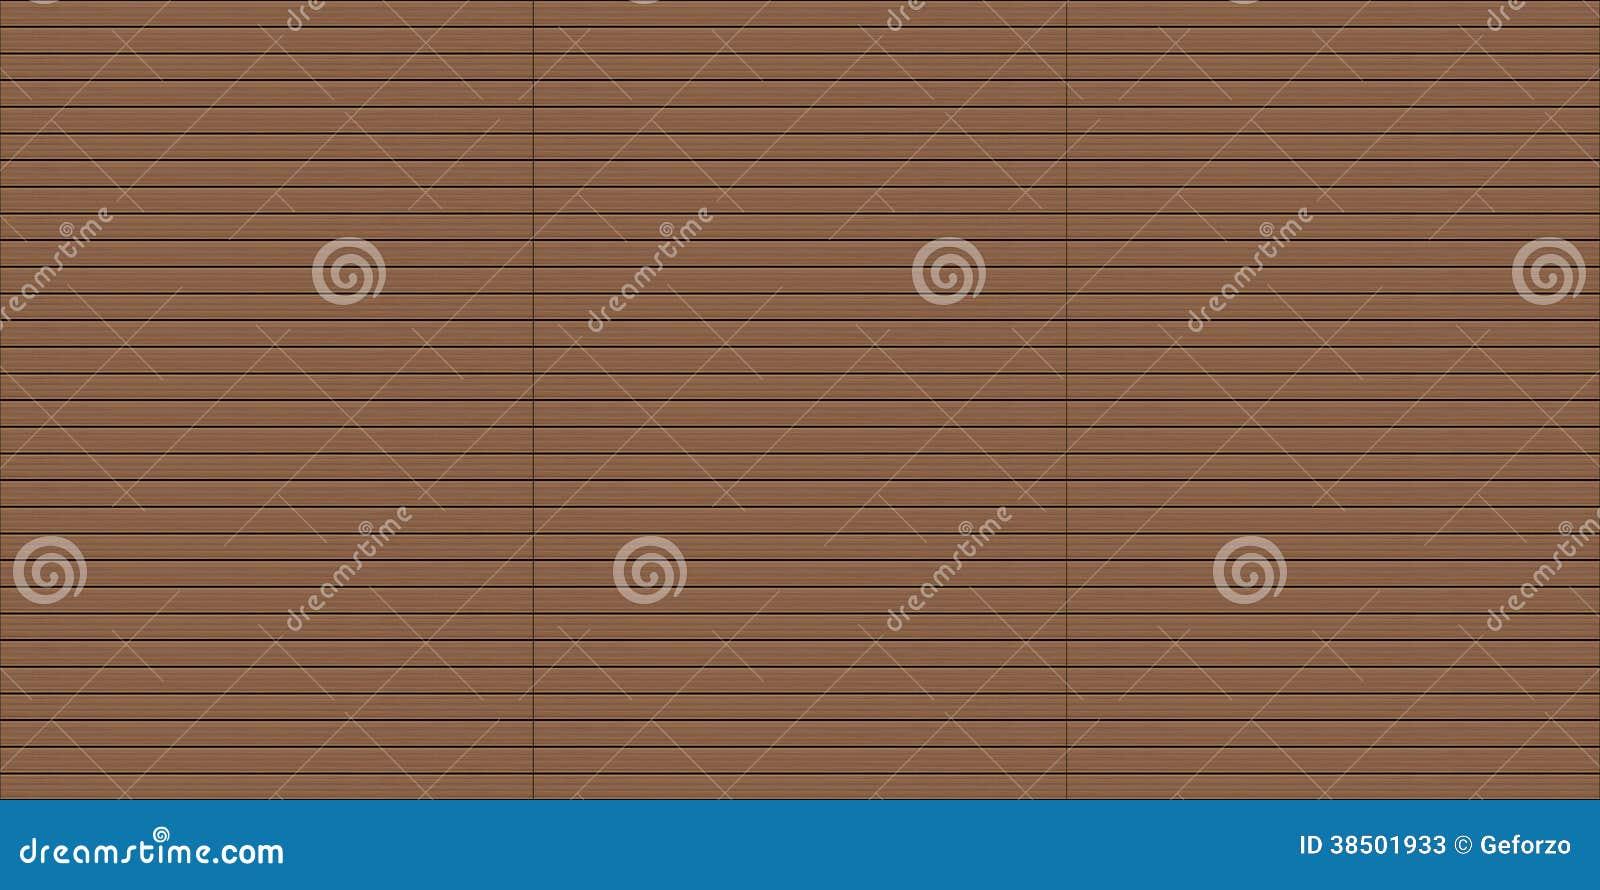 Seamless exterior wood decking texture stock photos for Exterior hardwood decking